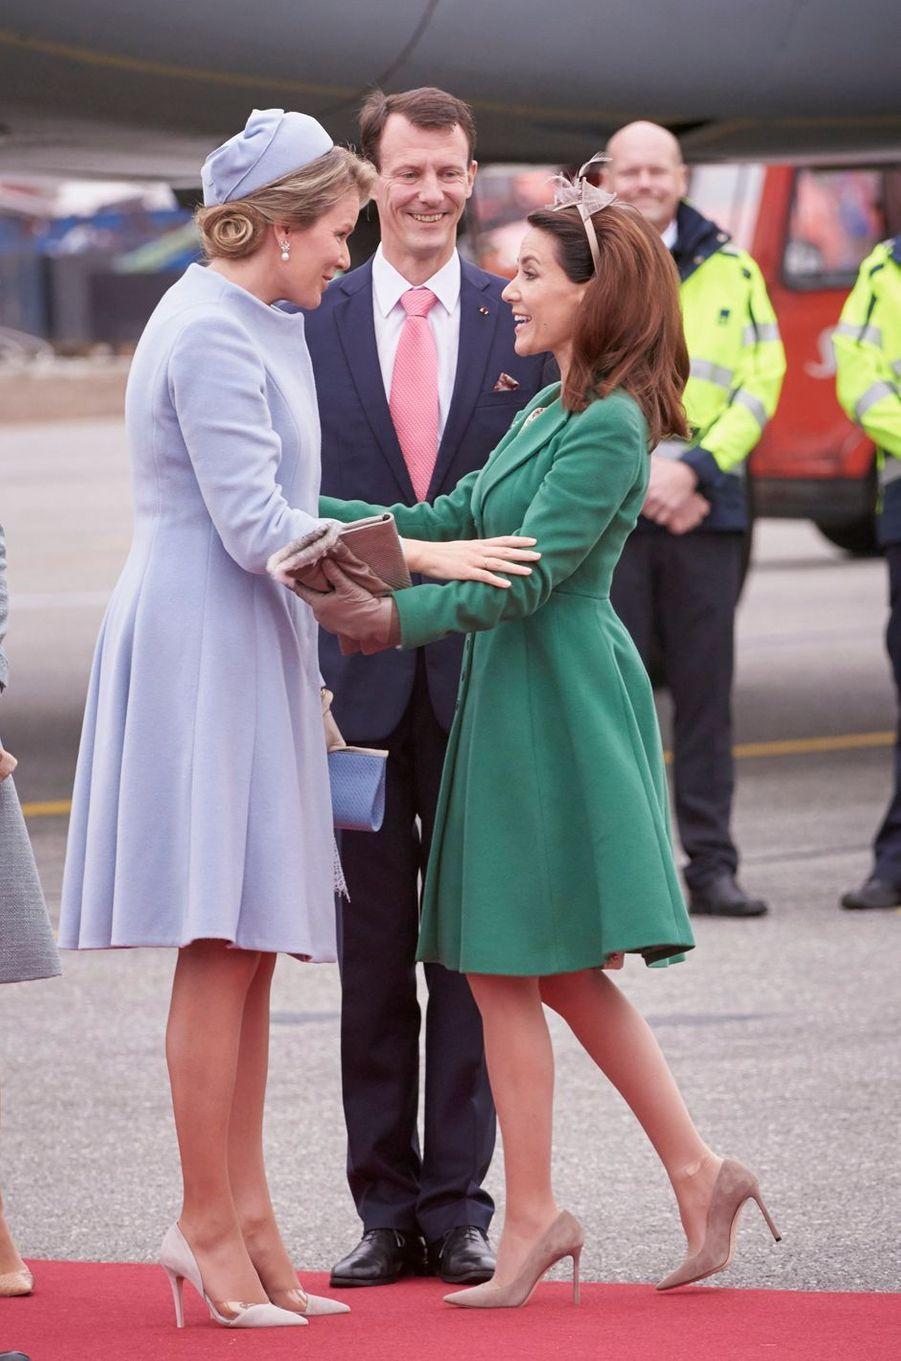 La reine Mathilde de Belgique avec la princesse Marie et le prince Joachim de Danemark à Copenhague, le 28 mars 2017